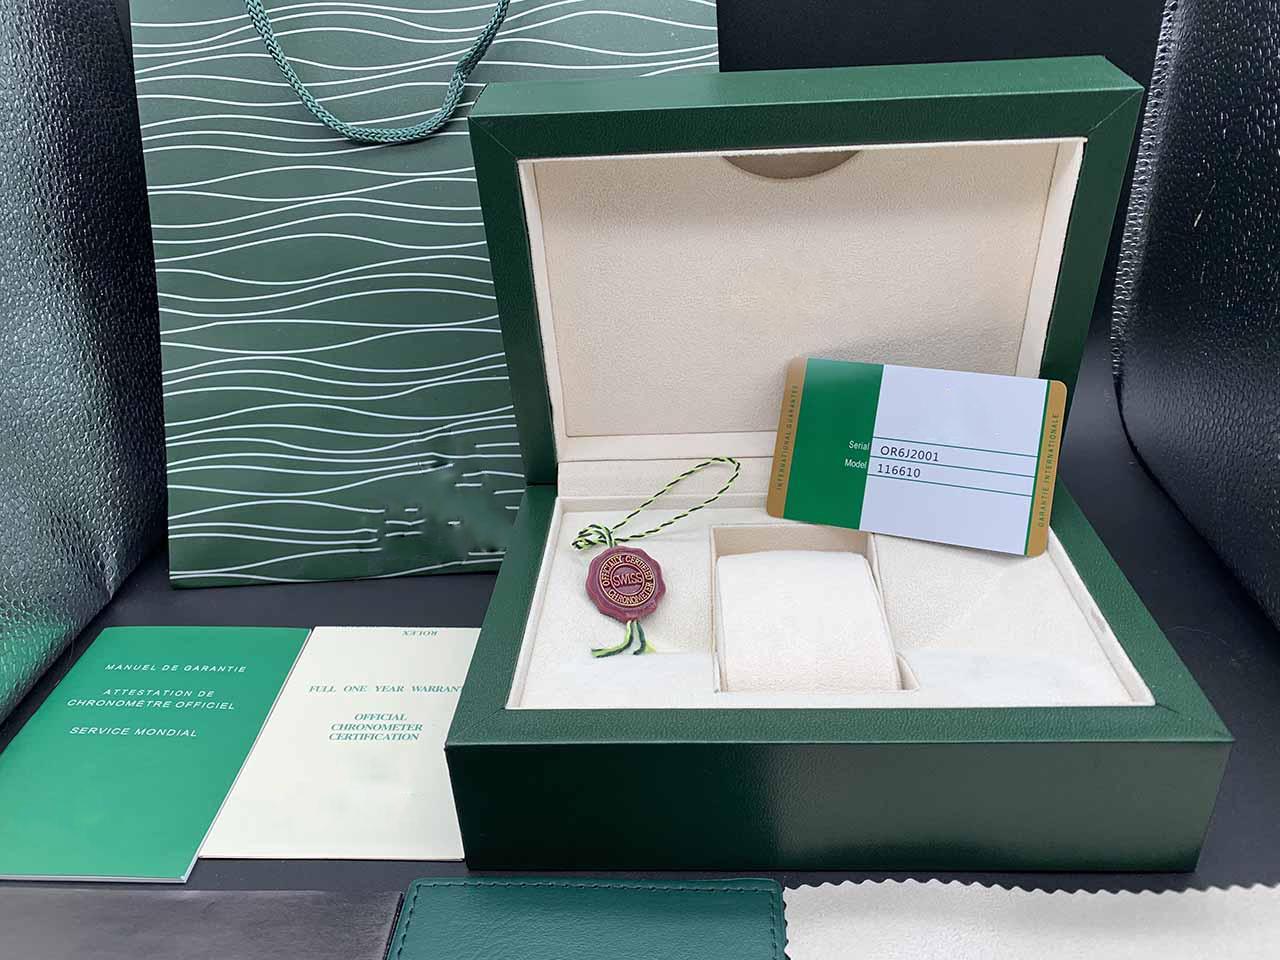 Vente usine de haute qualité nouveau style vert montre Purse boîte originale carte papiers Caisses en bois cadeau sac à main pour 116610 116660 Montres Case